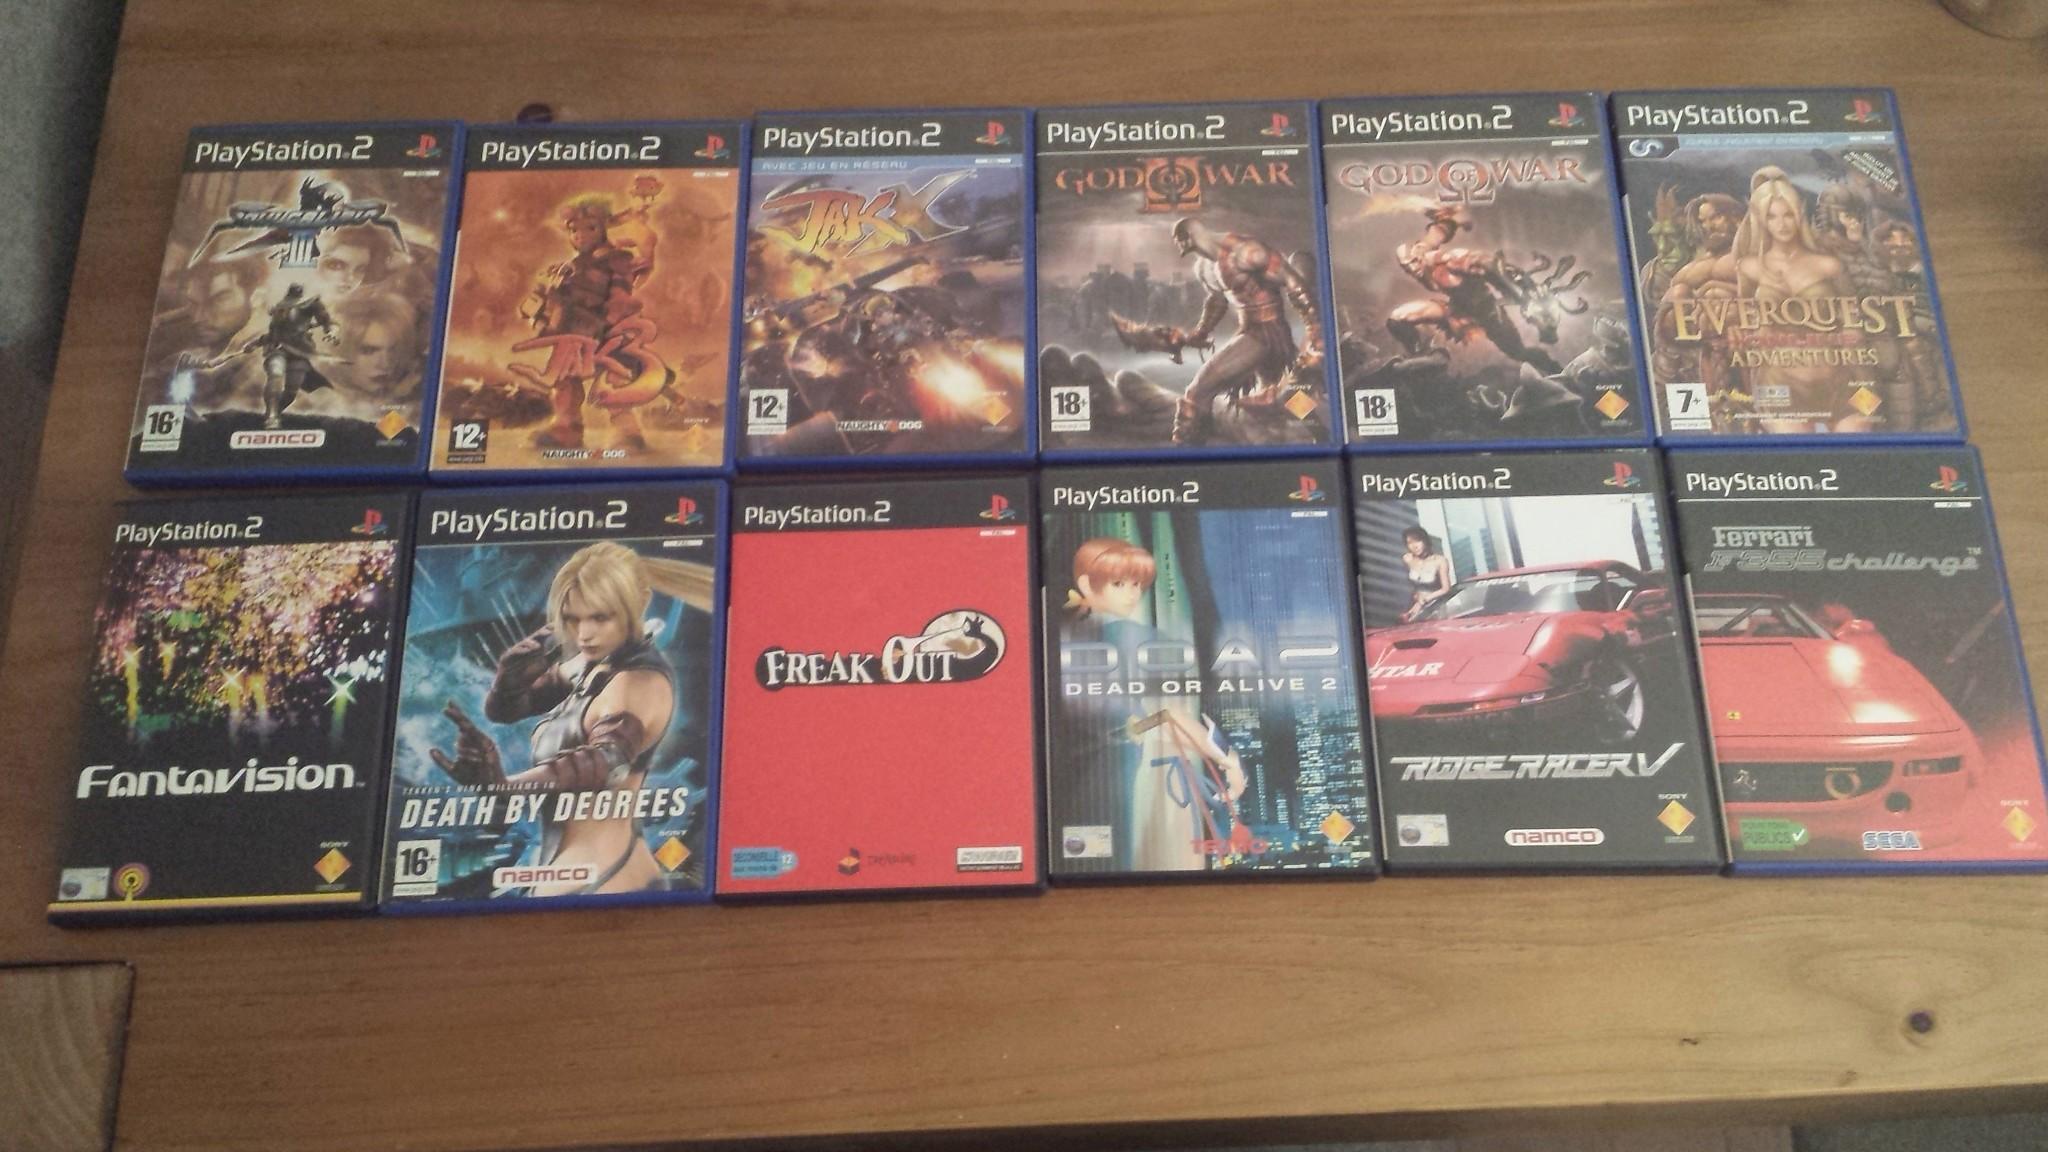 Vente - nombreux jeux PS2 format promo & jeux neufs sous blister 20180525